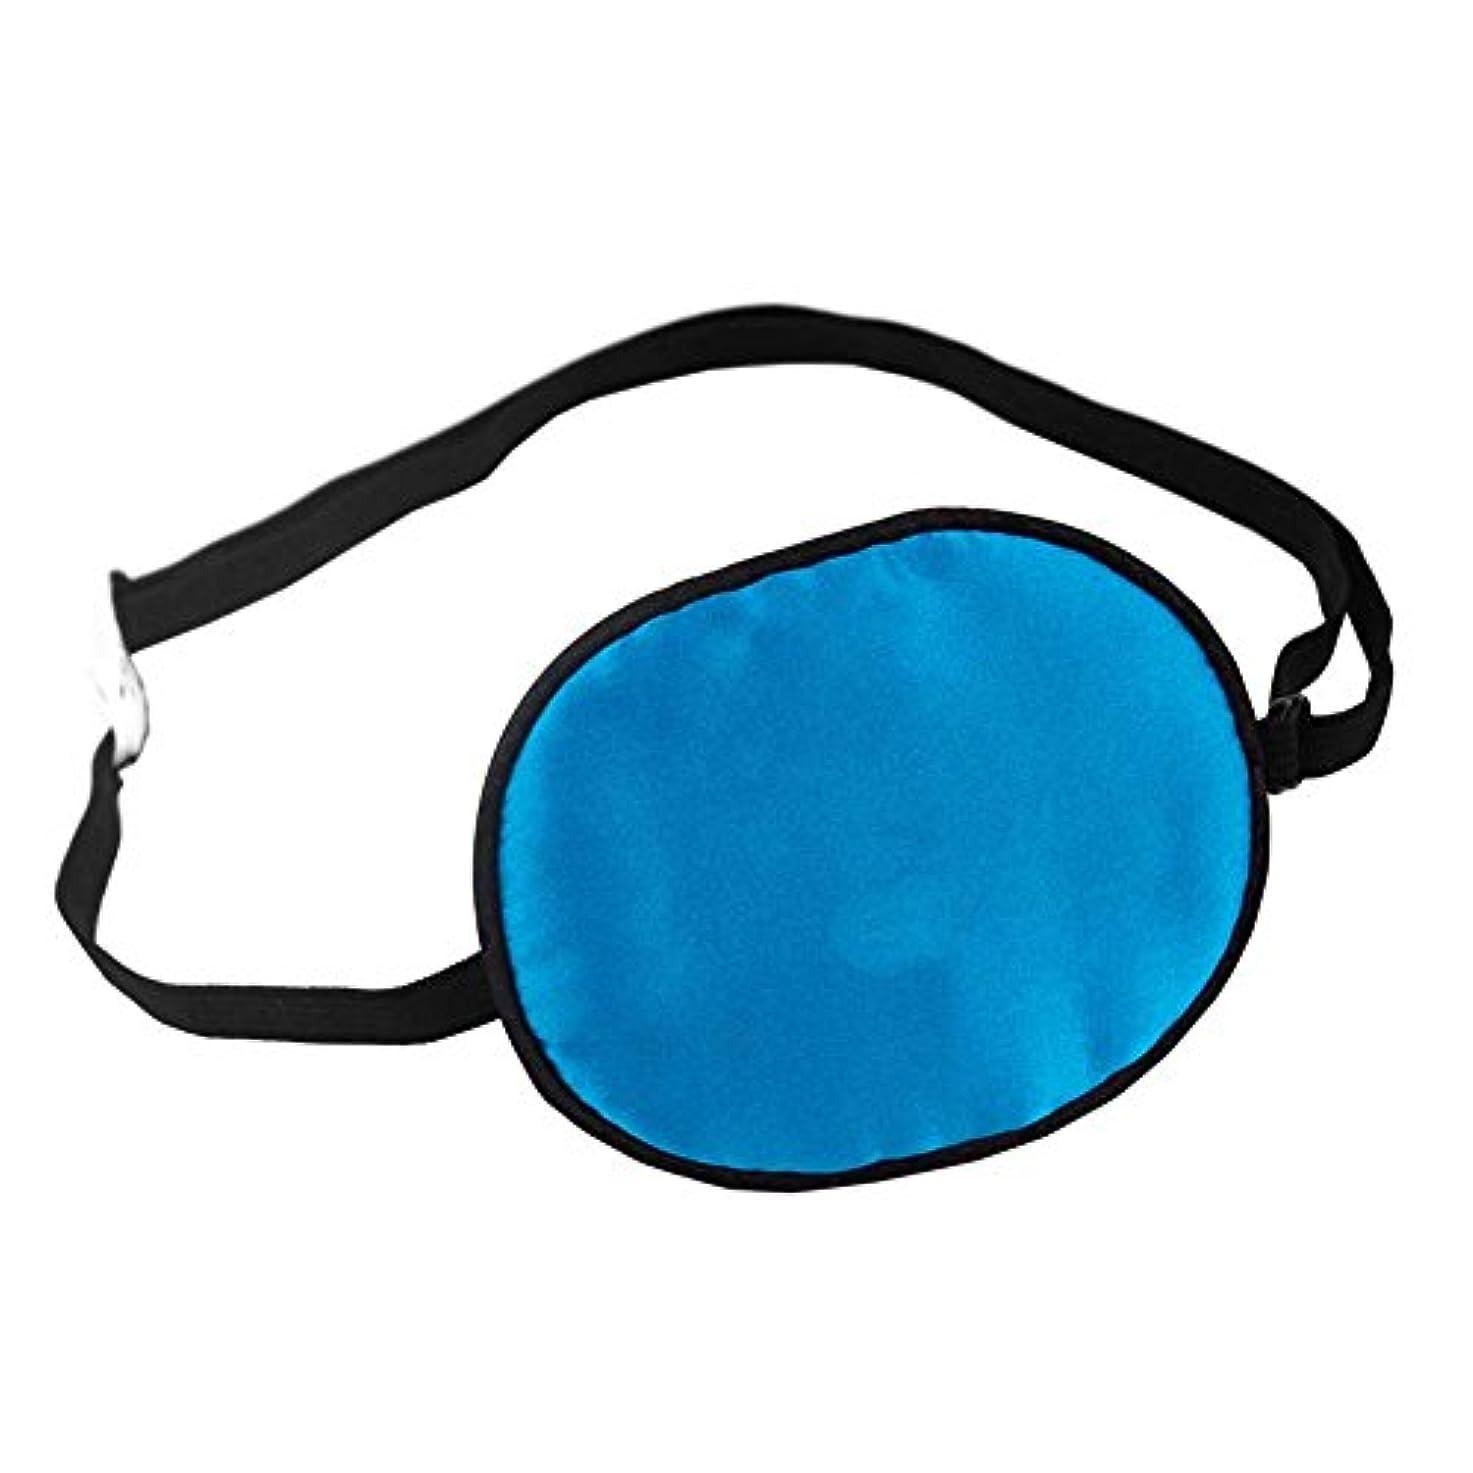 科学知覚する保存するメガネ用両面シルクシングルレイジーアイパッチアンビオピアトリートメントパッチ(キッズサイズ)、E06